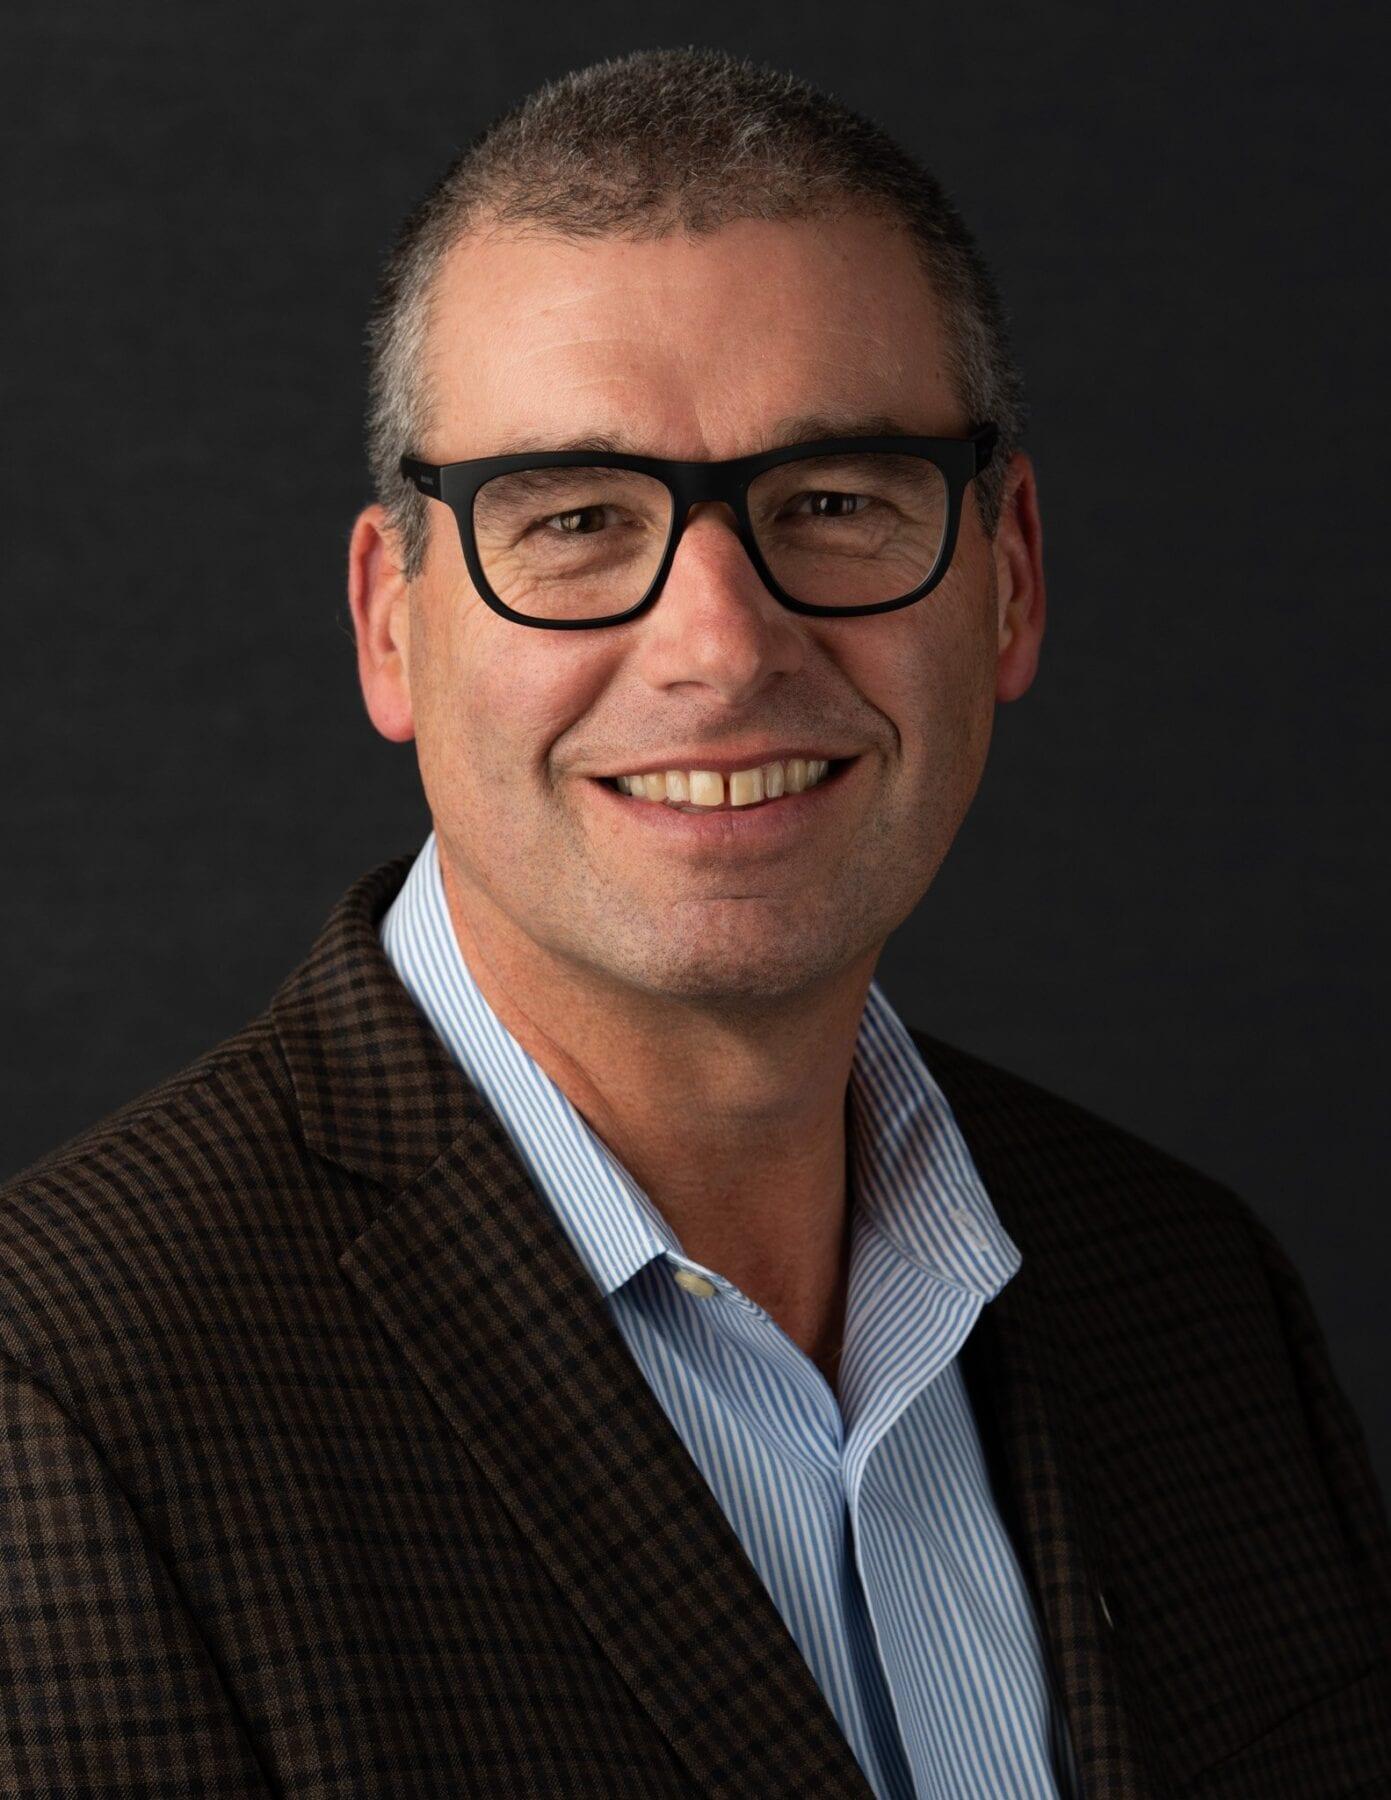 Simon Grieve